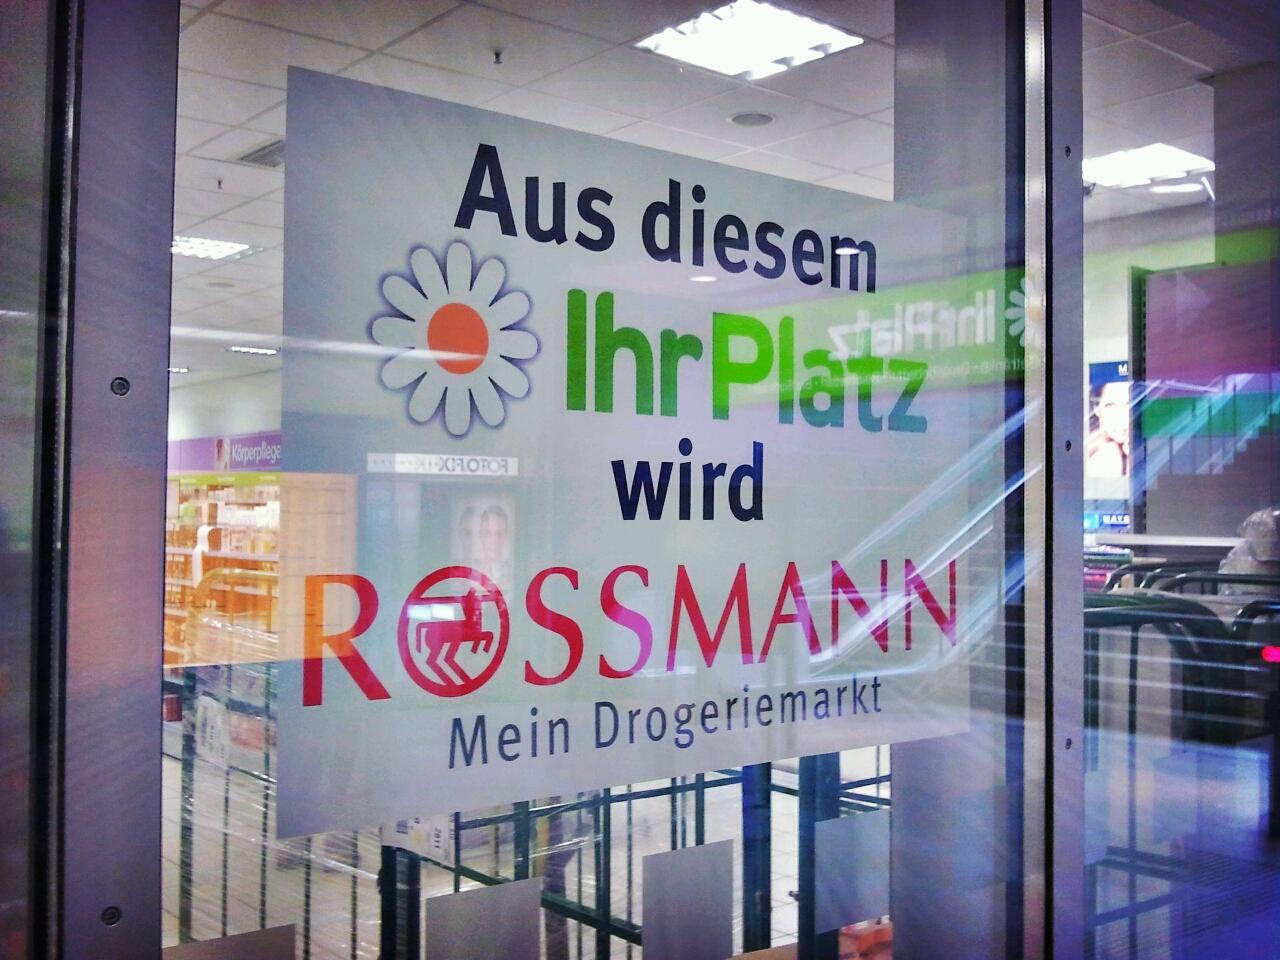 Zasiłek dla bezrobotnych z Rossmanna. W Niemczech socjal w